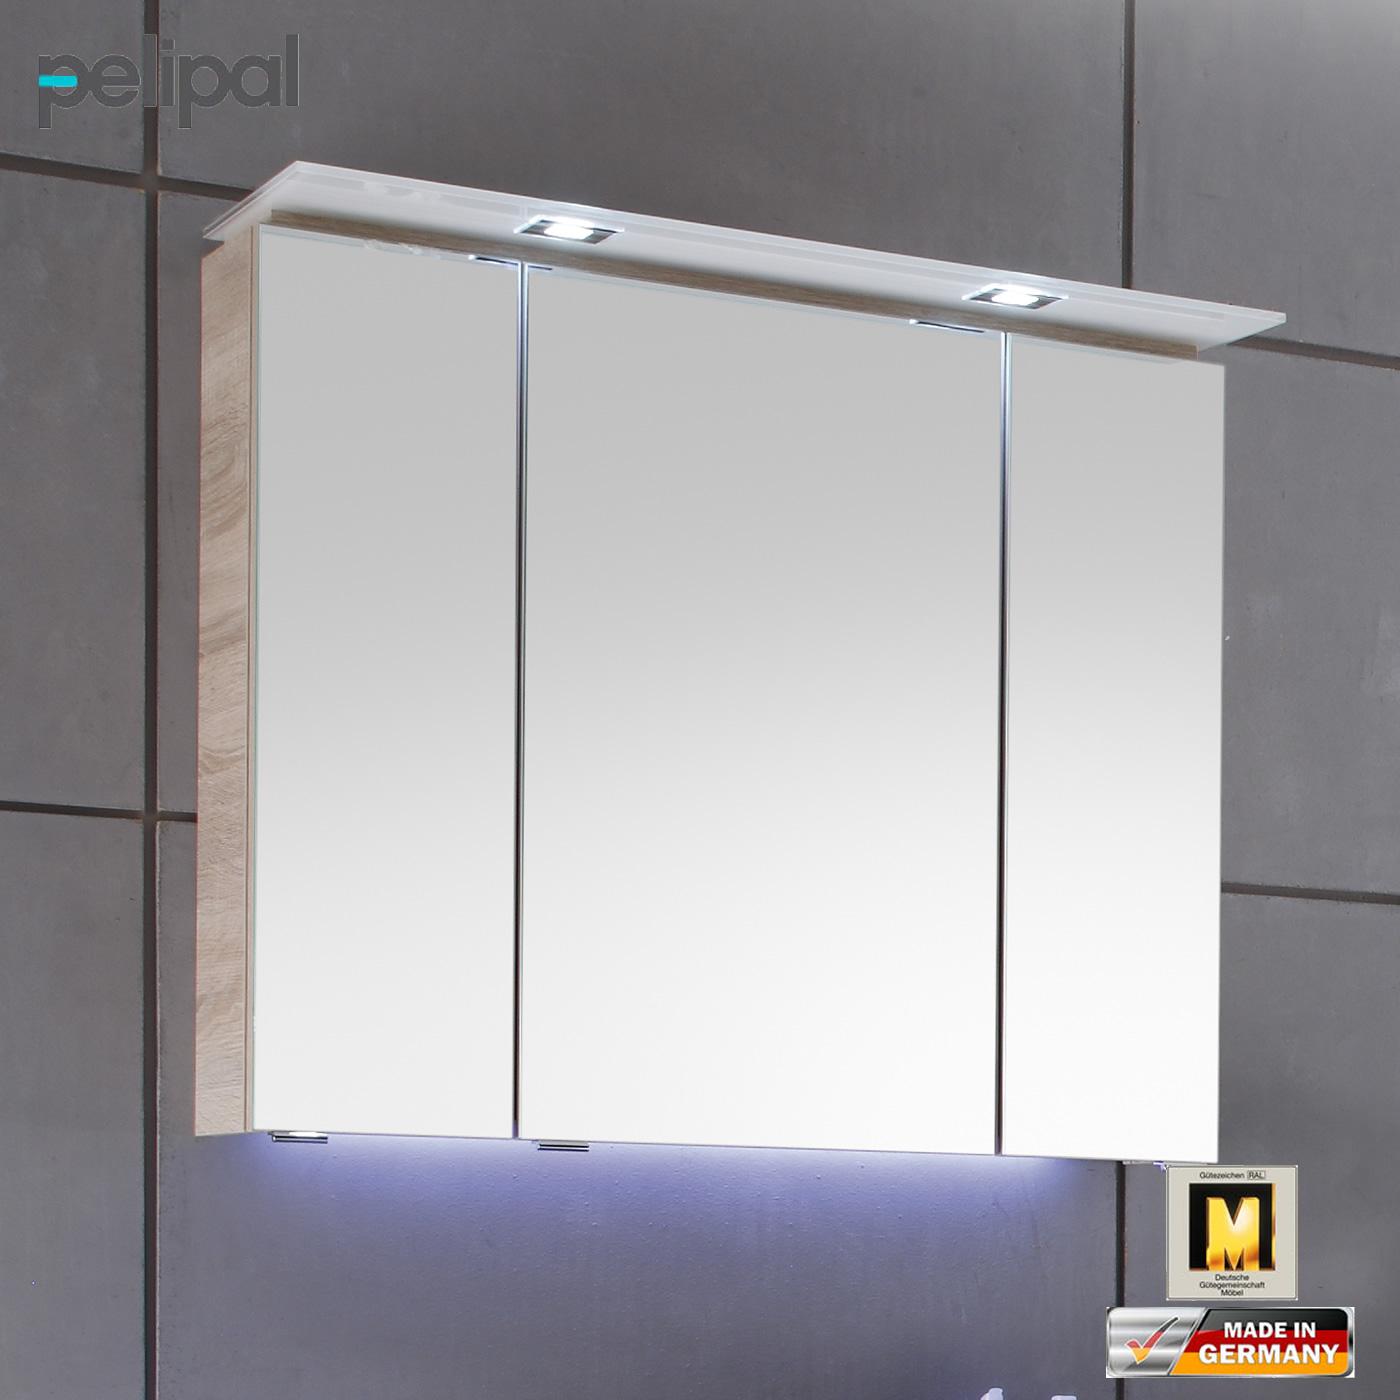 Pelipal solitaire 7005 spiegelschrank mit kranzbeleuchtung for Bad spiegelschrank 80 cm breit